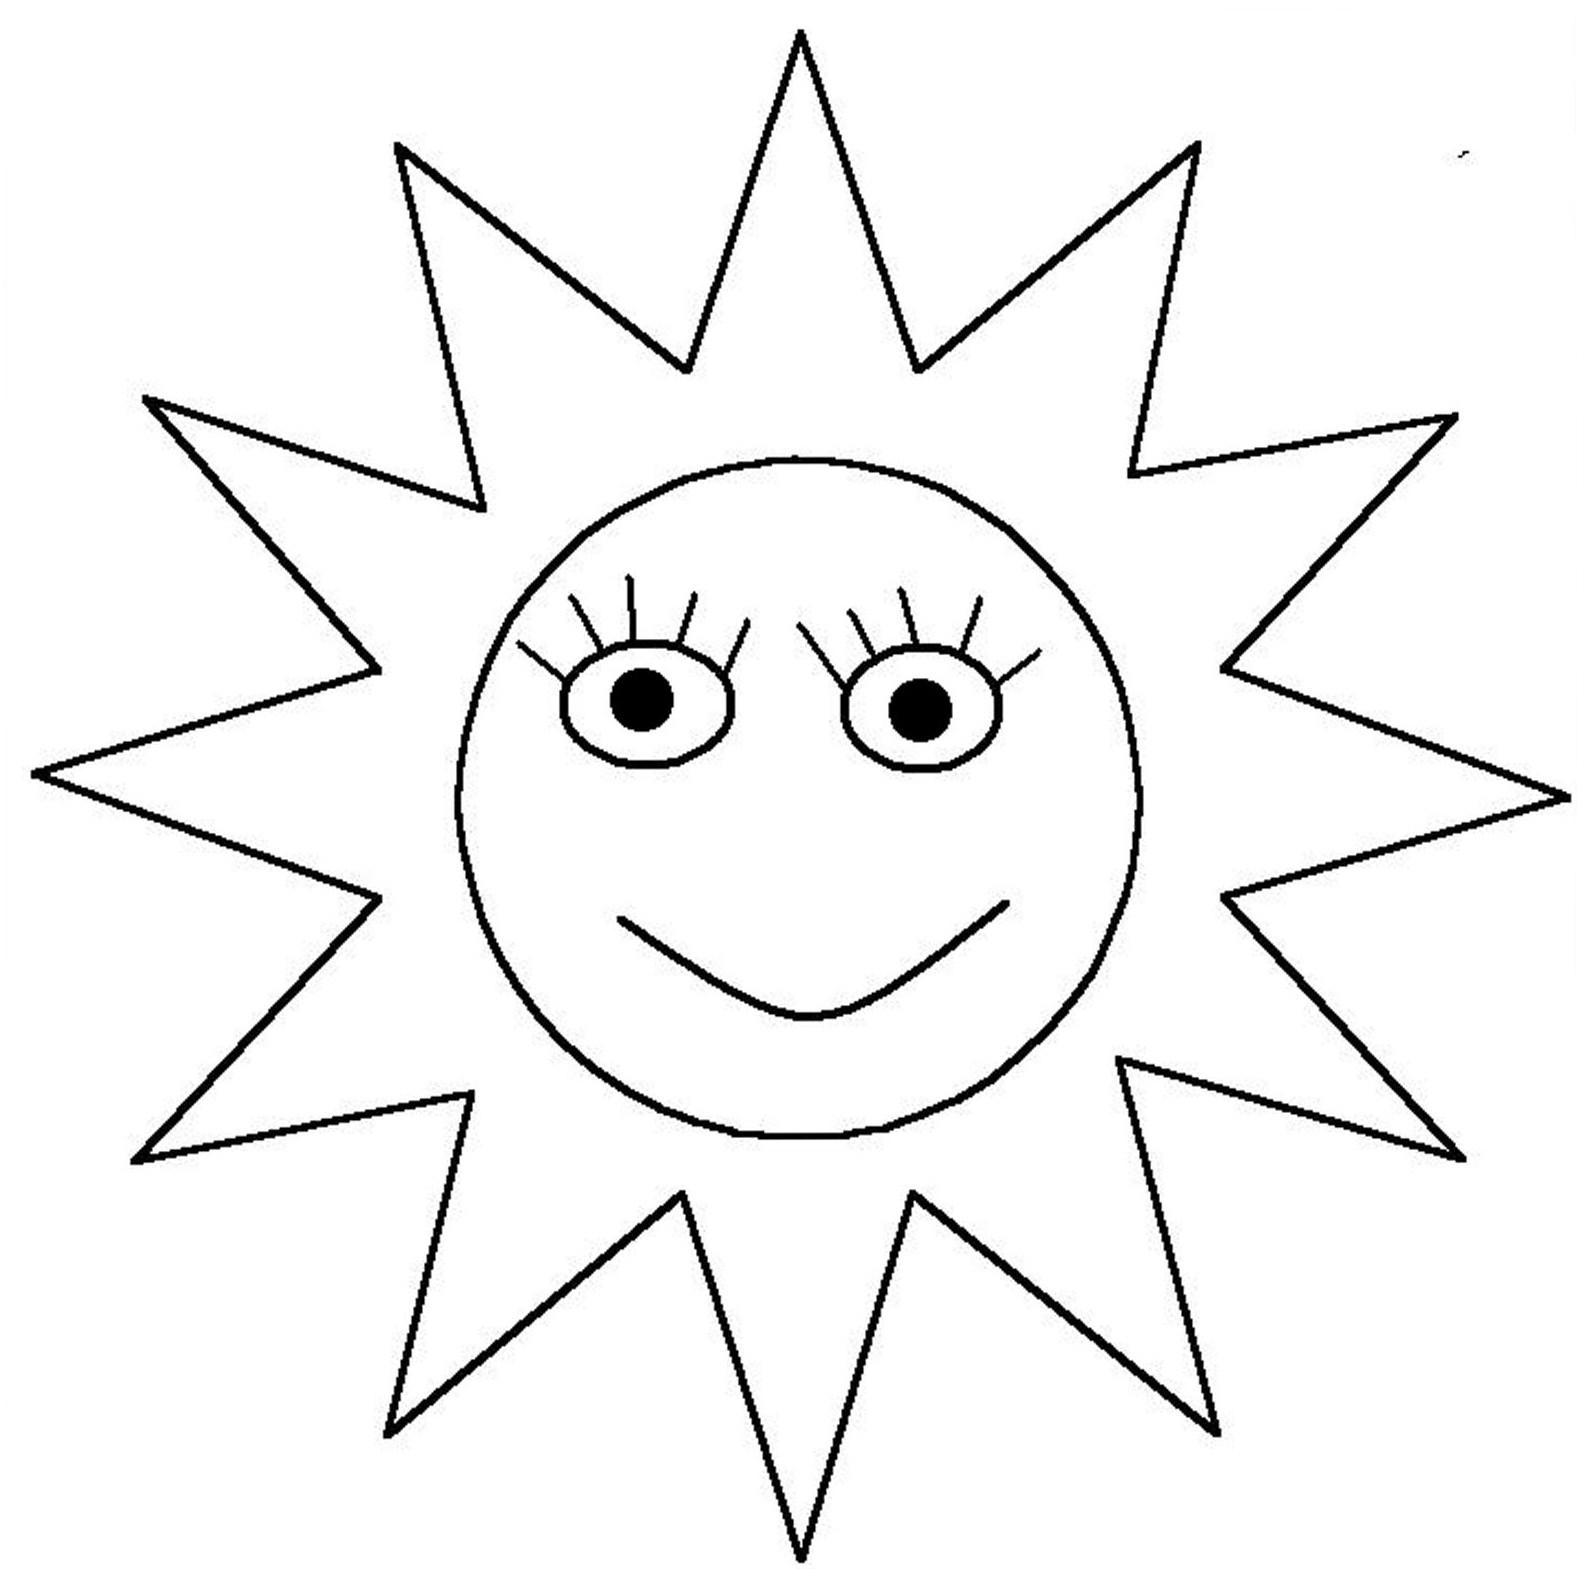 Coloriage Soleil visage à imprimer sur COLORIAGES .info